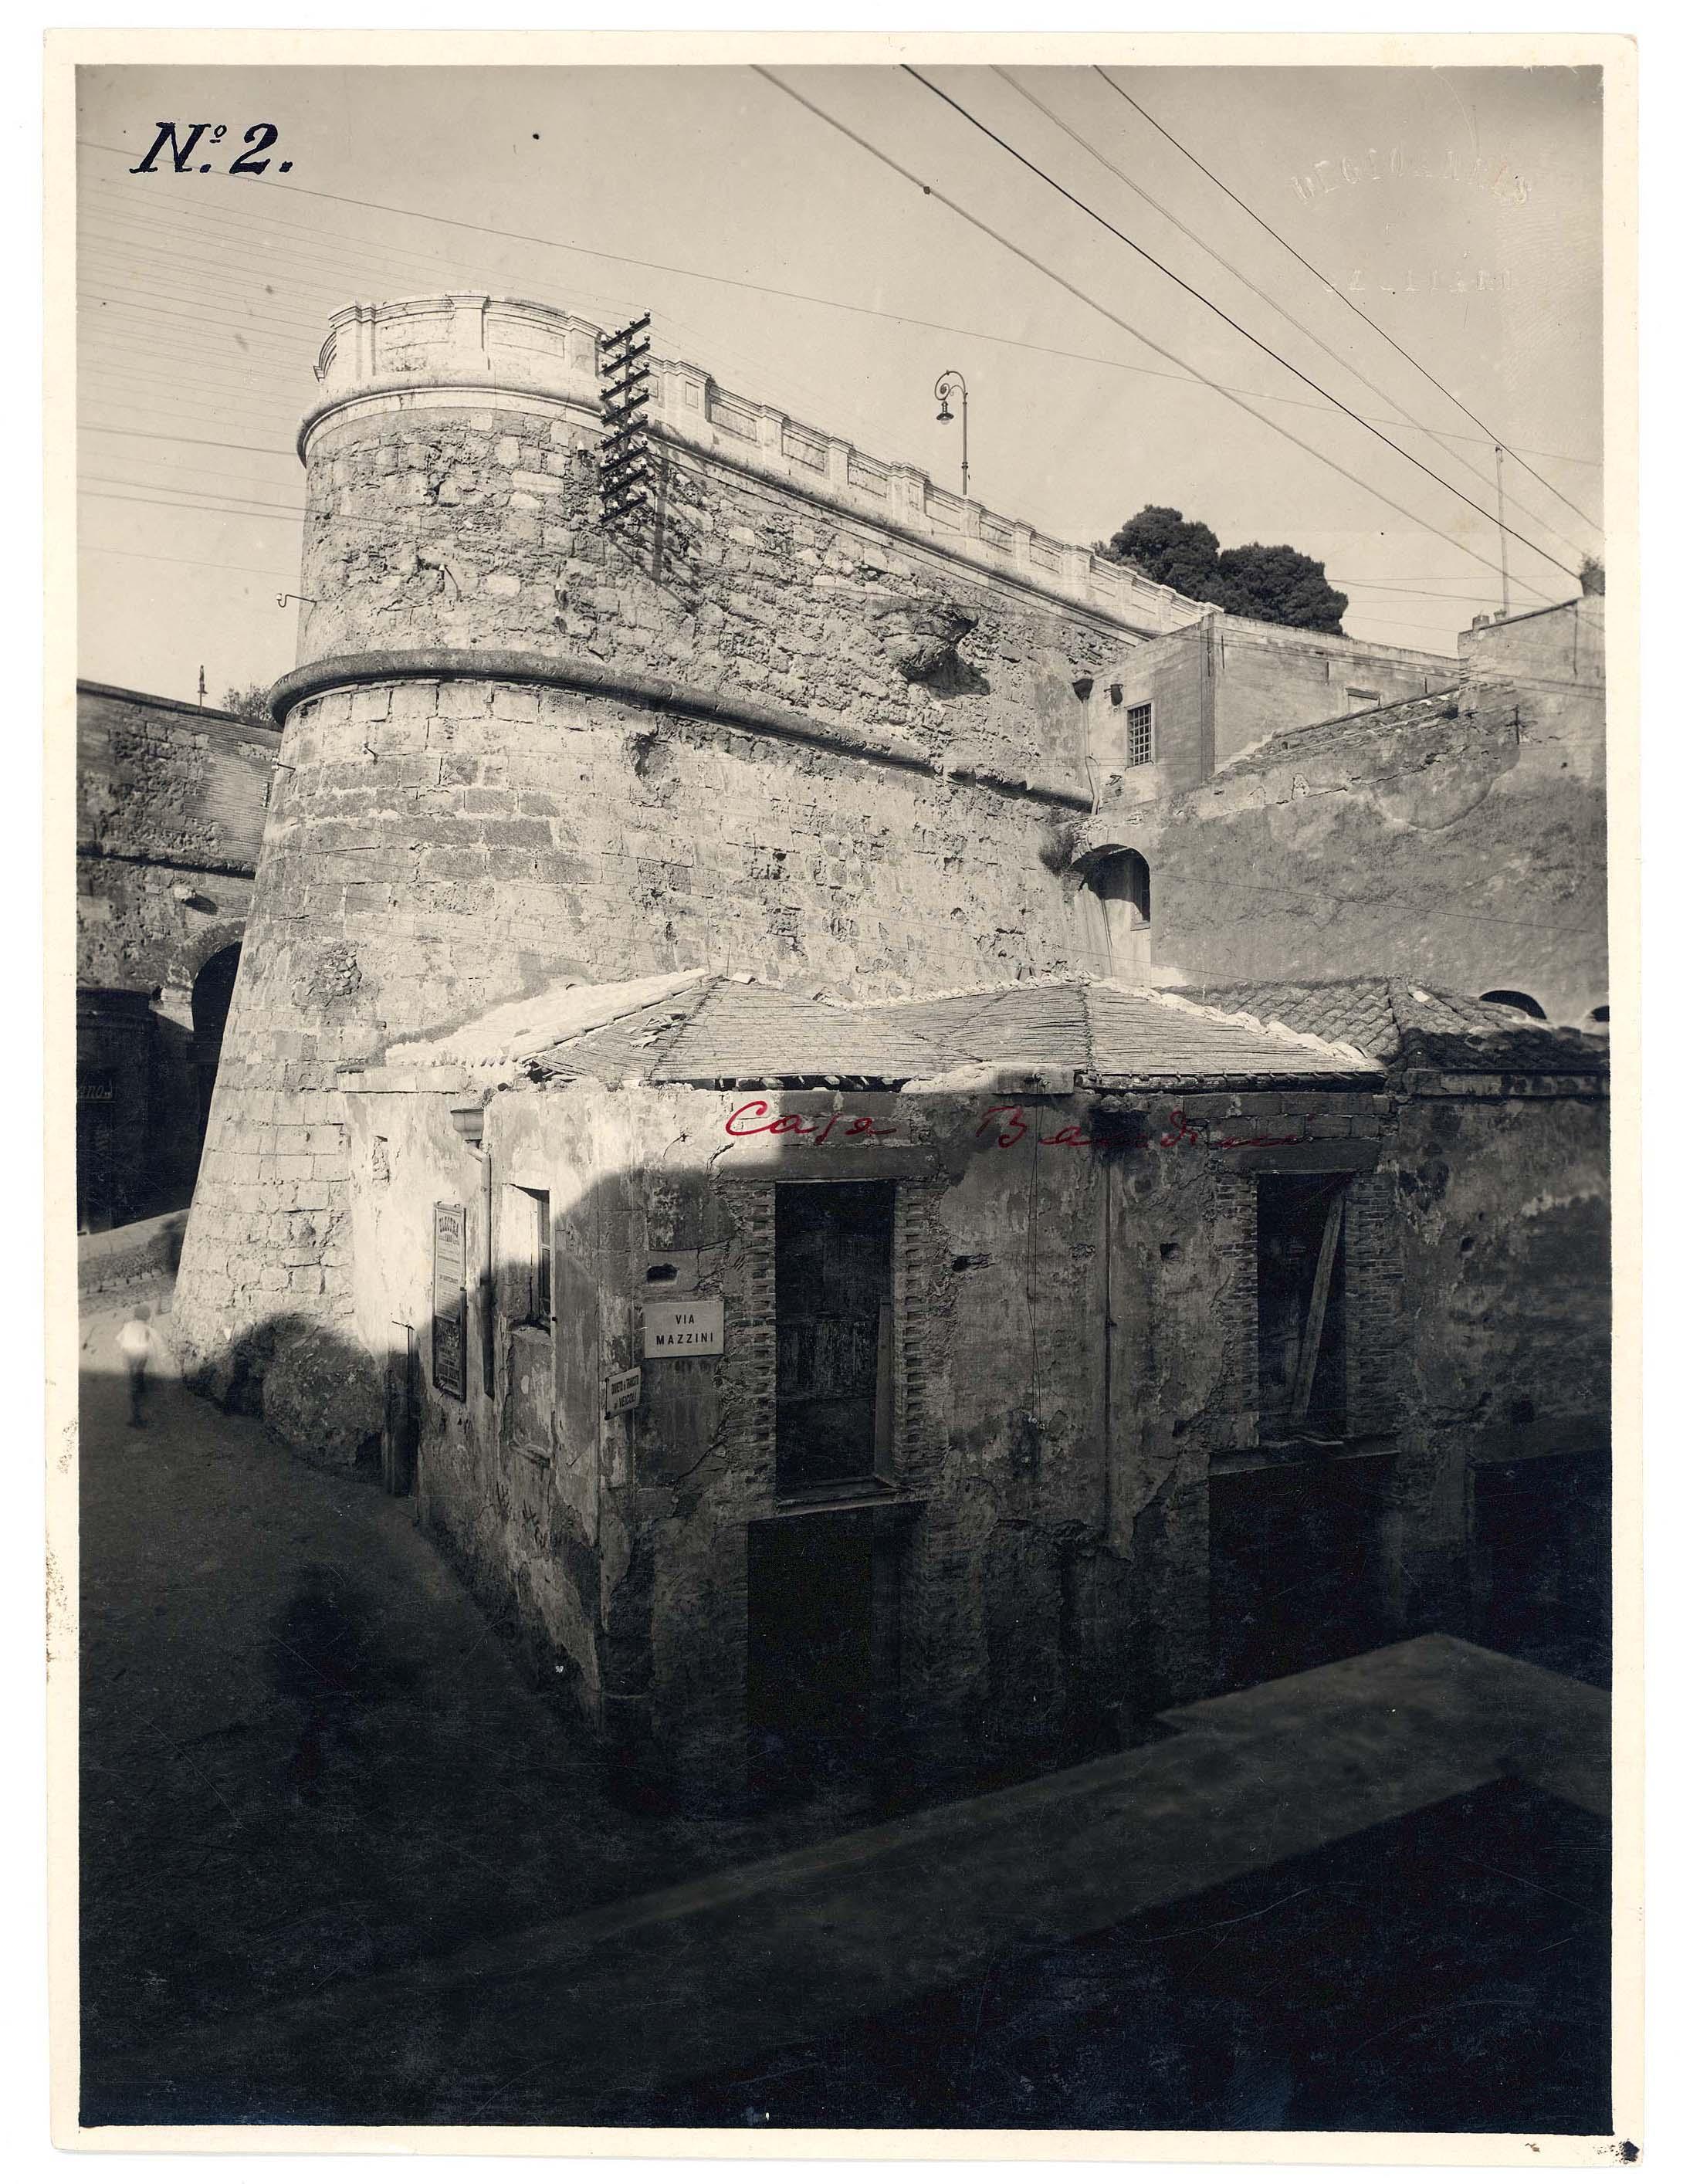 Archivio Comunale - 1929 - Topografia_jpg_foto 0022 2-4